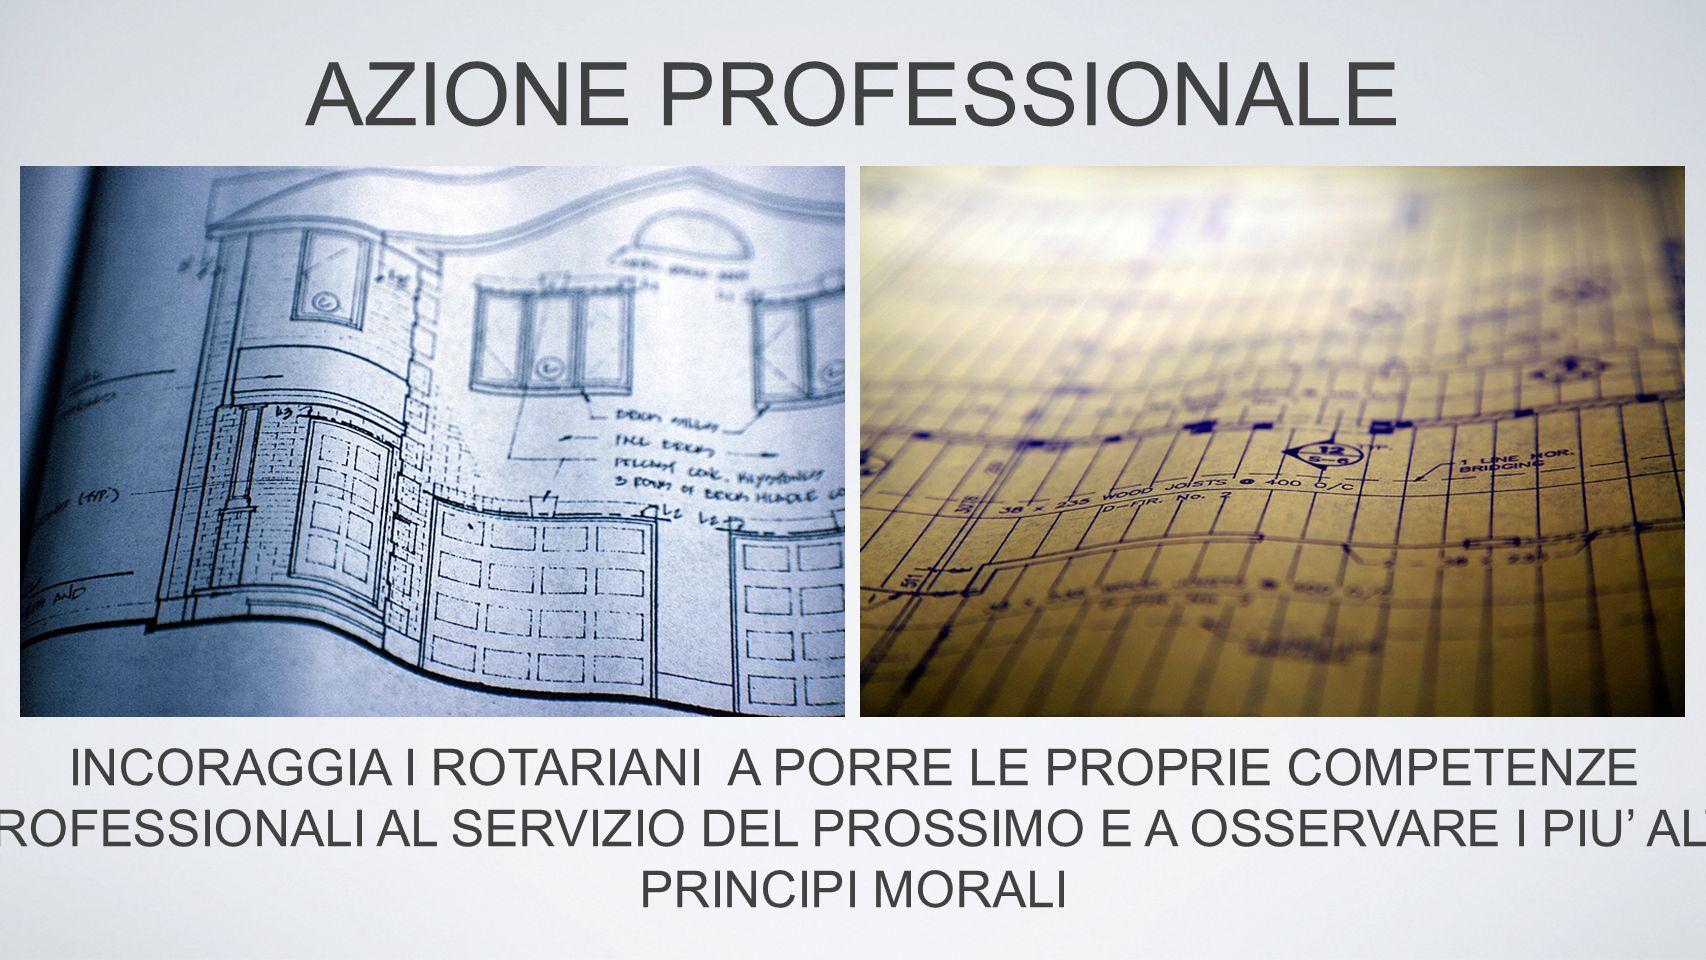 AZIONE PROFESSIONALE INCORAGGIA I ROTARIANI A PORRE LE PROPRIE COMPETENZE PROFESSIONALI AL SERVIZIO DEL PROSSIMO E A OSSERVARE I PIU' ALTI PRINCIPI MO